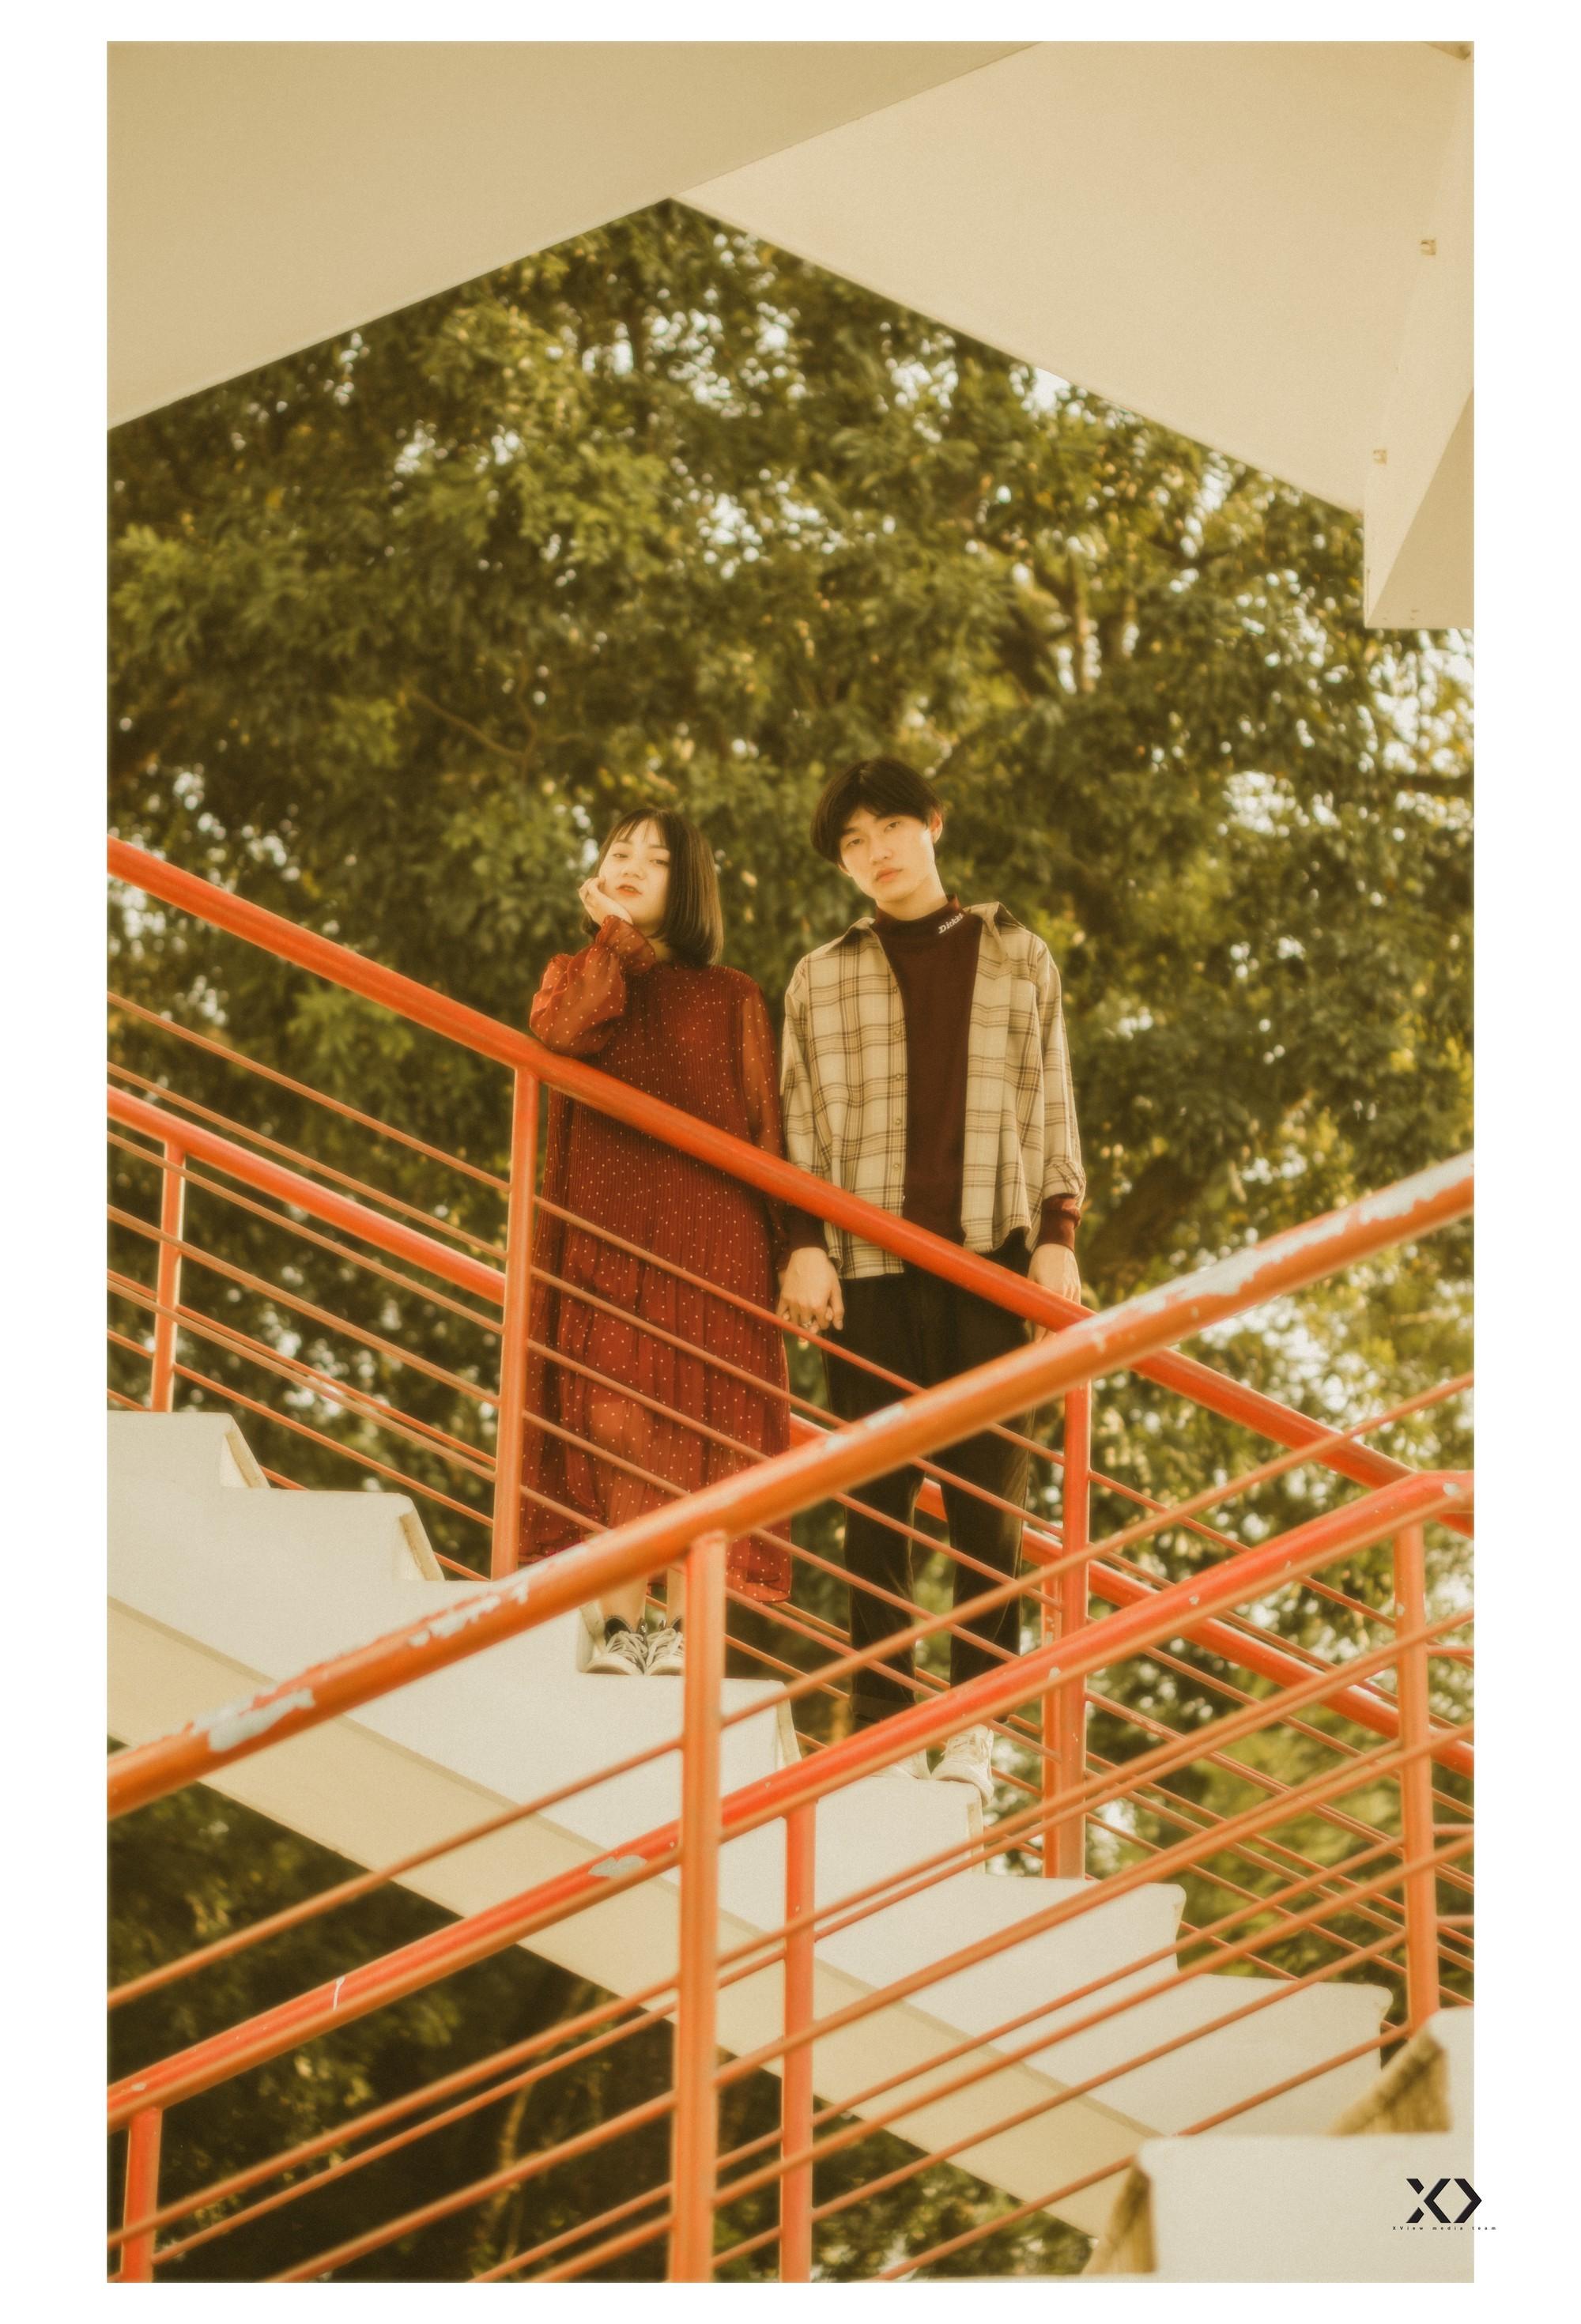 """Không ngờ có một Bách Khoa tình đến thế trong bộ ảnh của cặp đôi gái Xây dựng trai Kiến trúc - Ảnh 9. Có một Bách Khoa """"tình"""" đến thế trong bộ ảnh của cặp đôi gái Xây dựng trai Kiến trúc"""